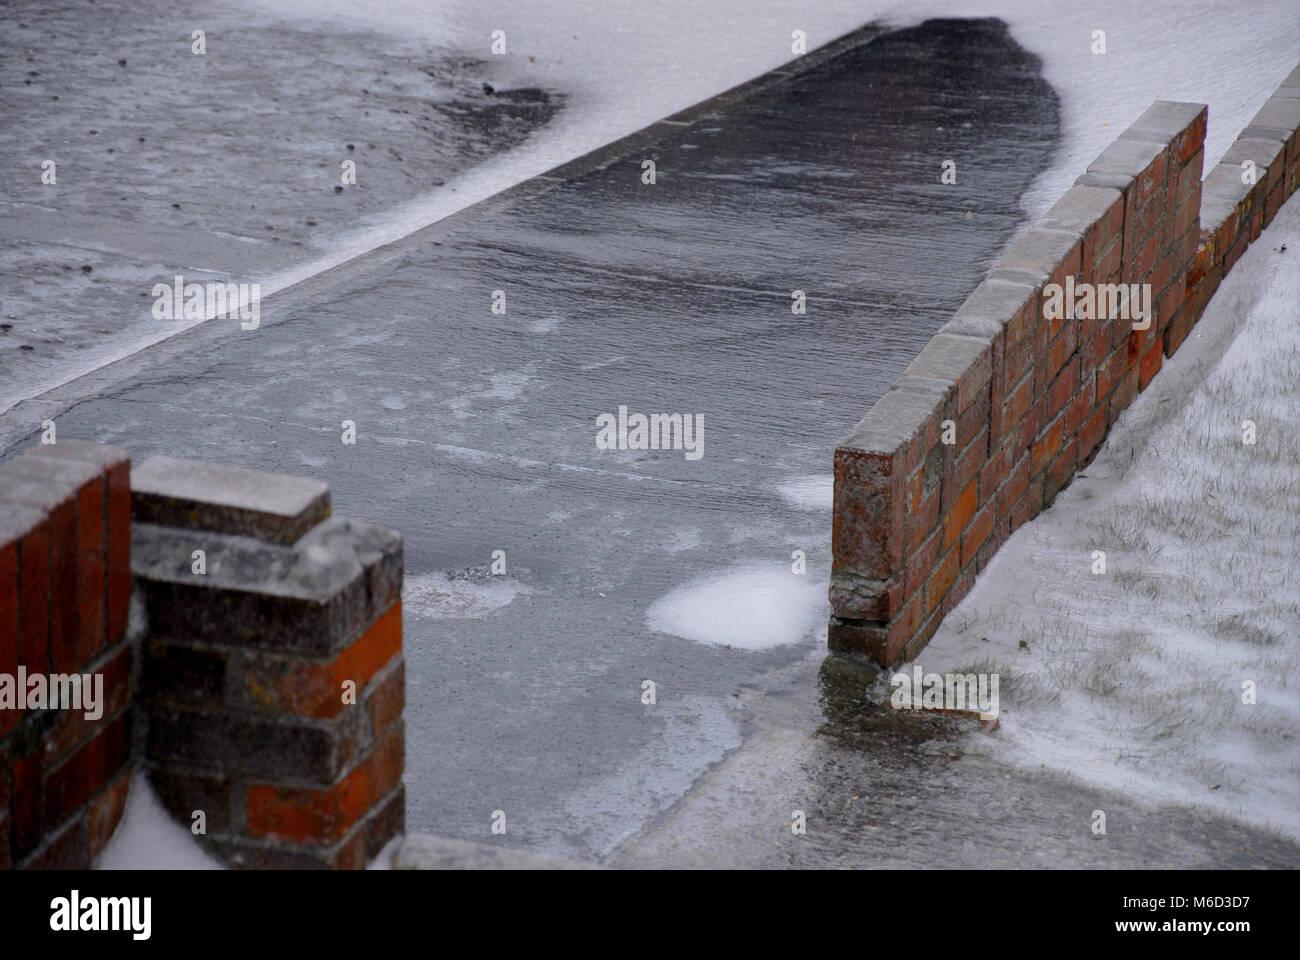 Portland, en Dorset. 02 de marzo de 2018 - la lluvia helada golpeó Fortuneswell, Isla de Portland, de la noche Imagen De Stock